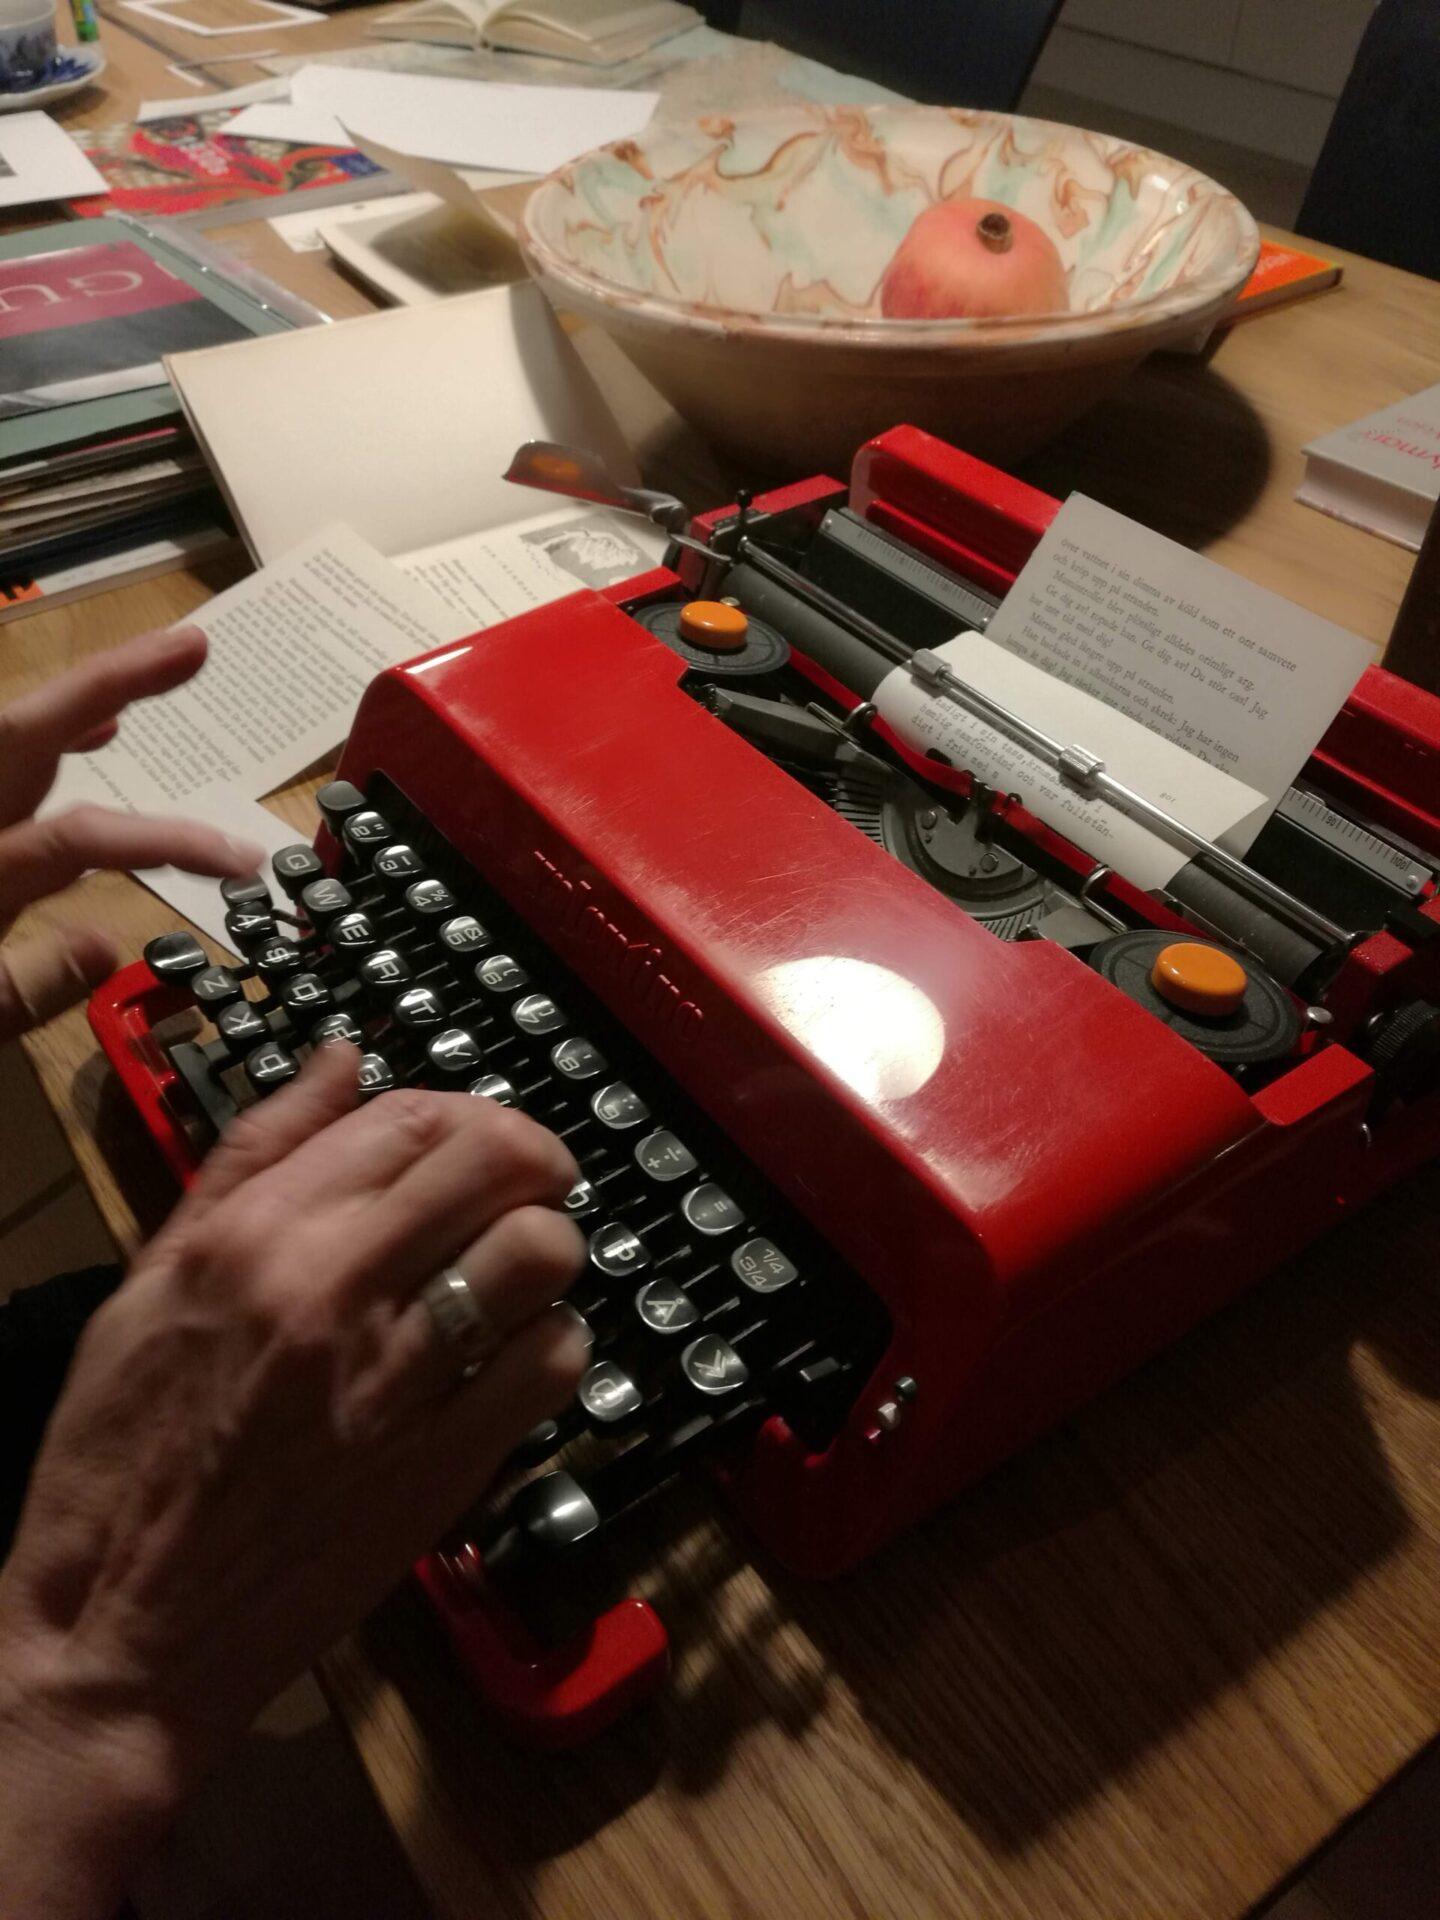 Kirsten bruger en gammel skrivemaskine til at lave tekst til collagerne